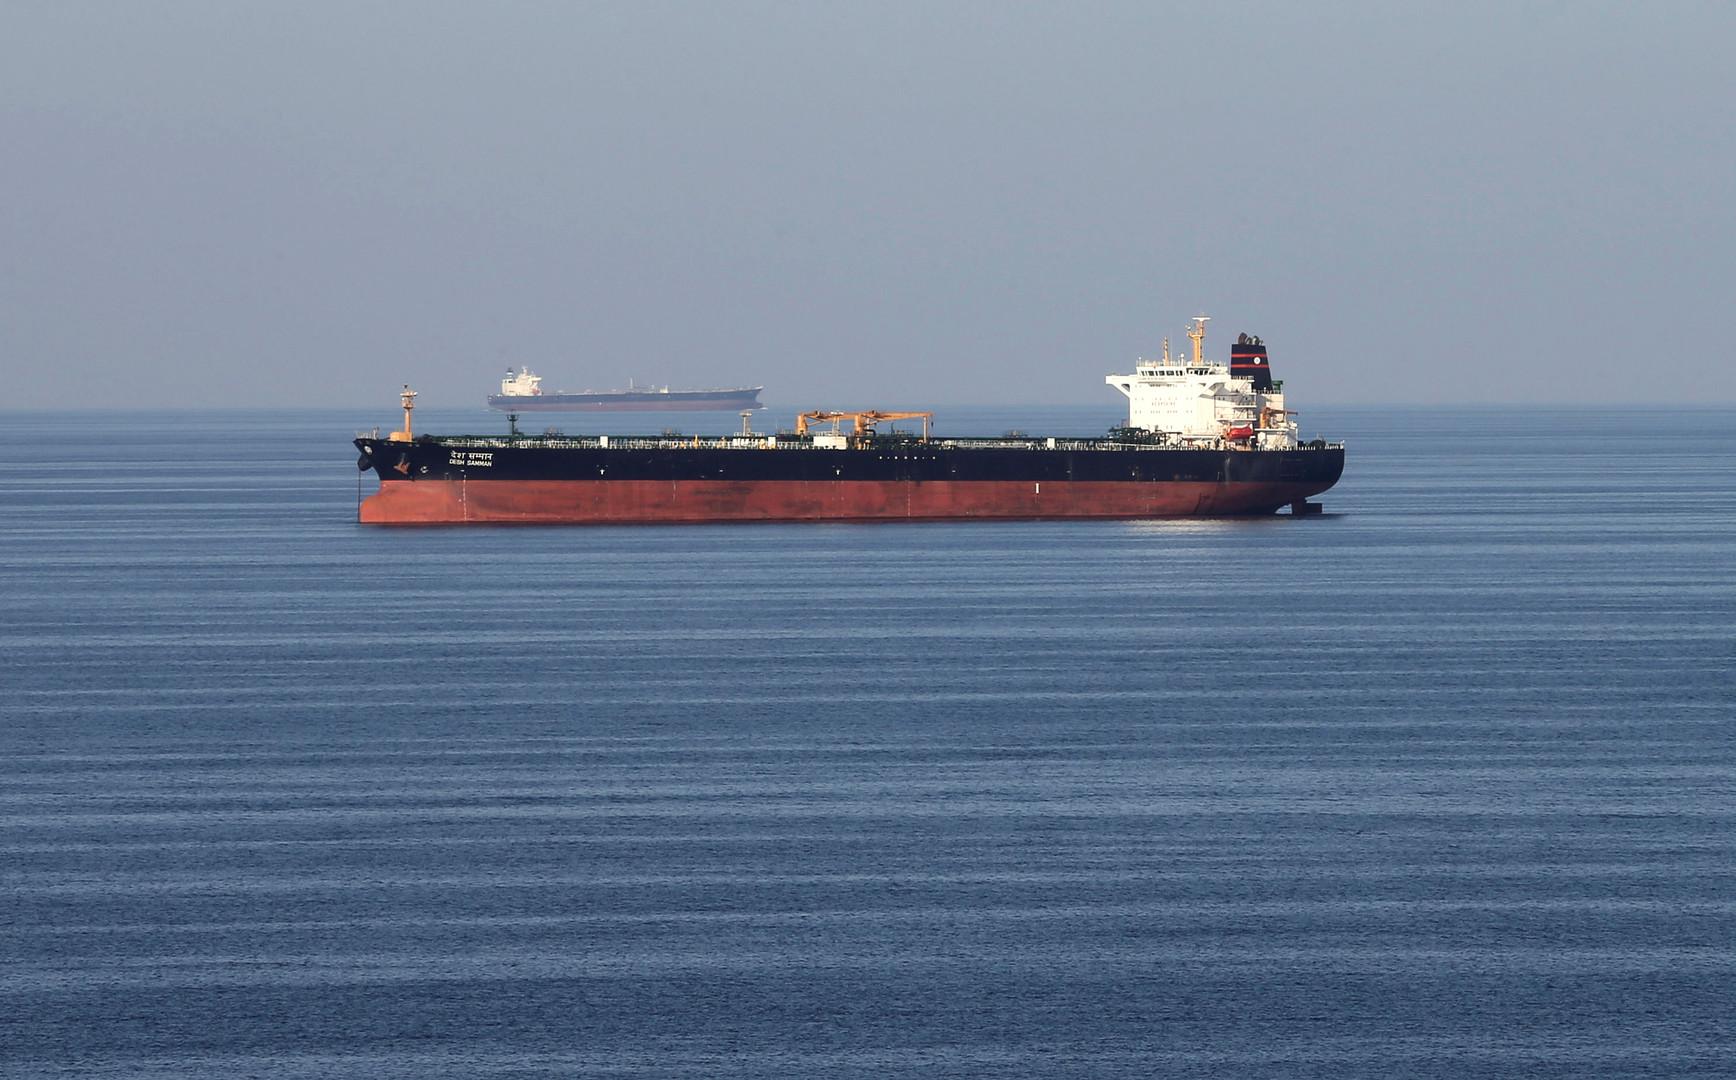 الدفاع الأمريكية تطلب ردا دوليا عقب حادث السفينة البريطانية في الخليج